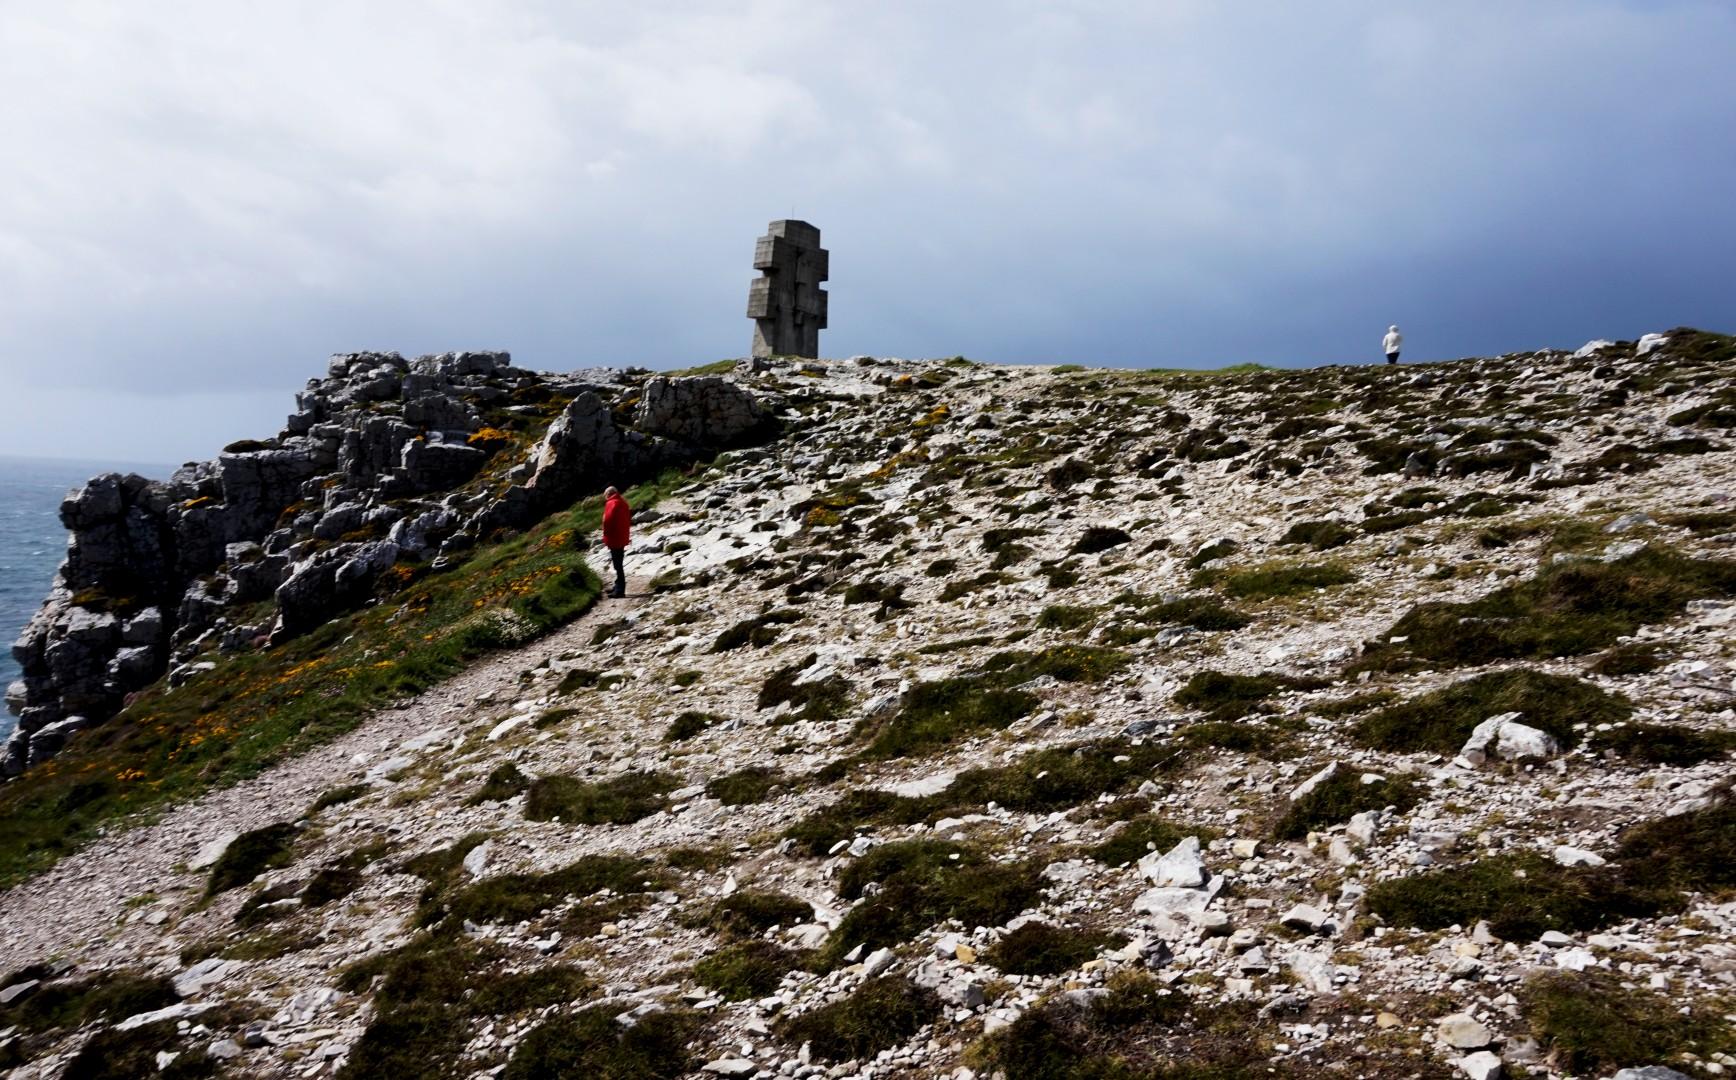 Vacances dans le Finistère Sud - Camaret-sur-Mer - Pointe de Pen-Hir